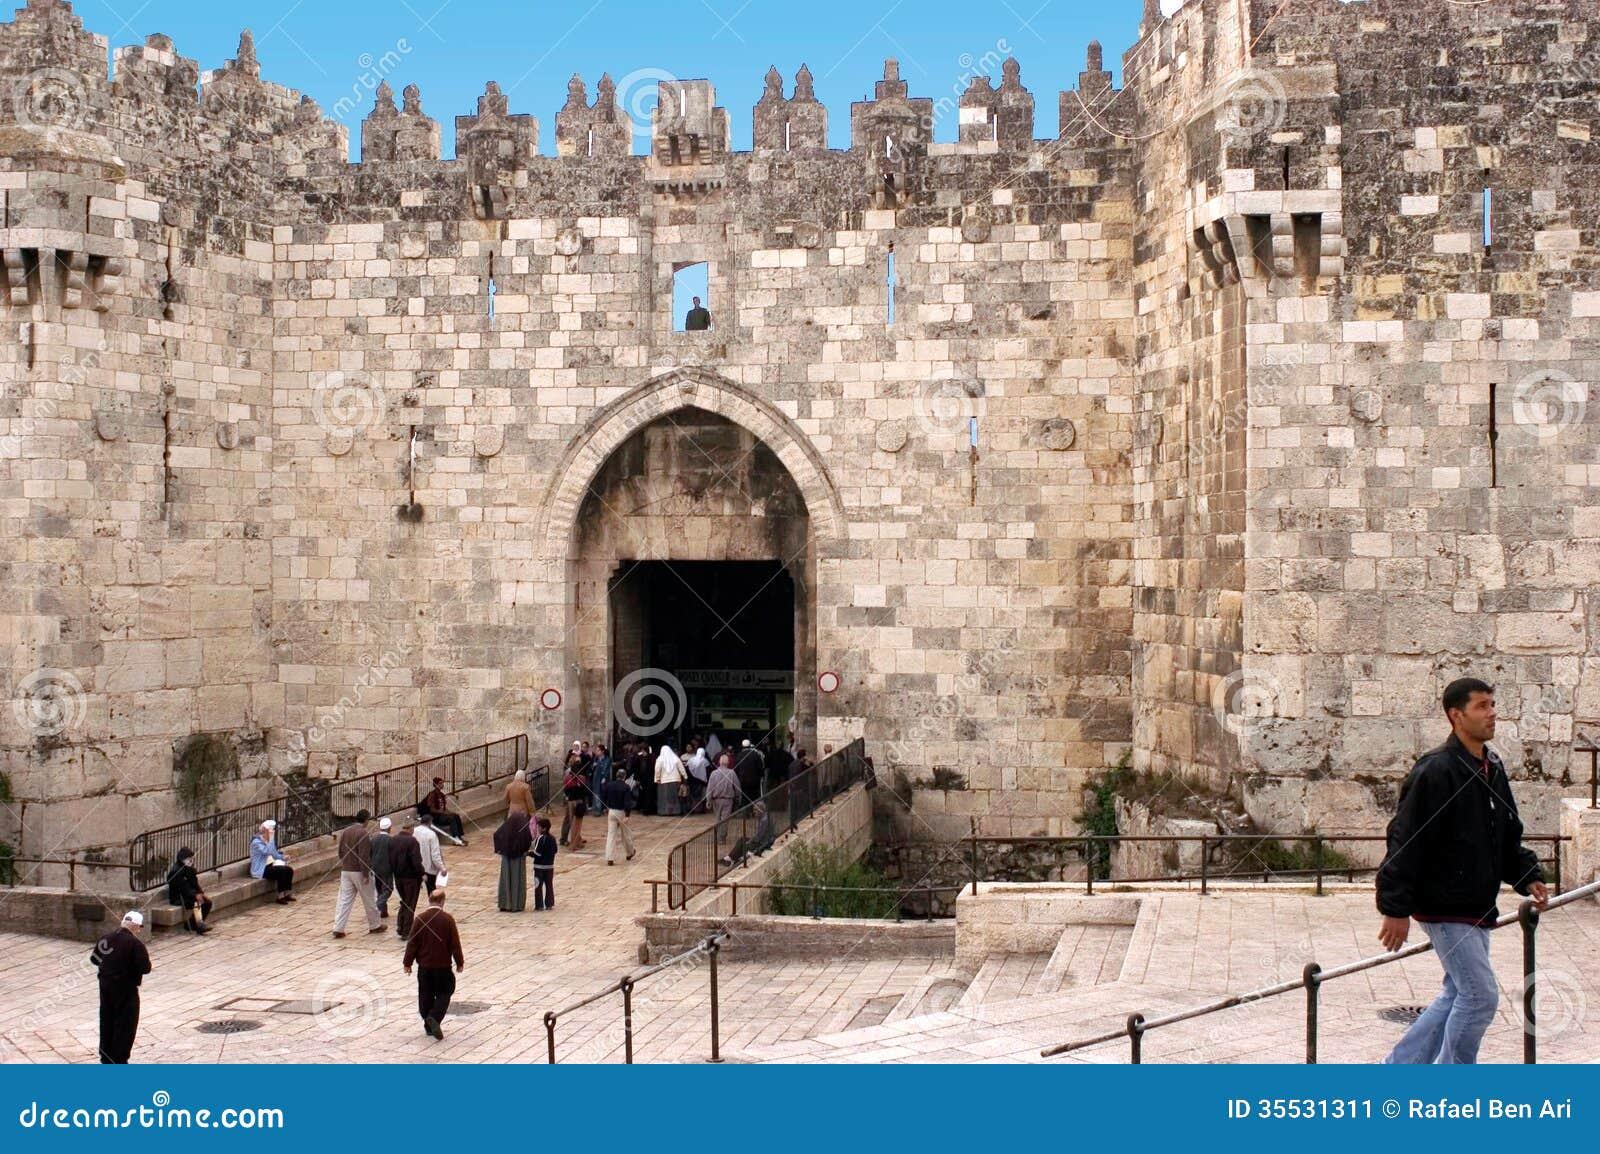 Puerta de damasco en la ciudad vieja de jerusal n israel - Fotos de damasco ...